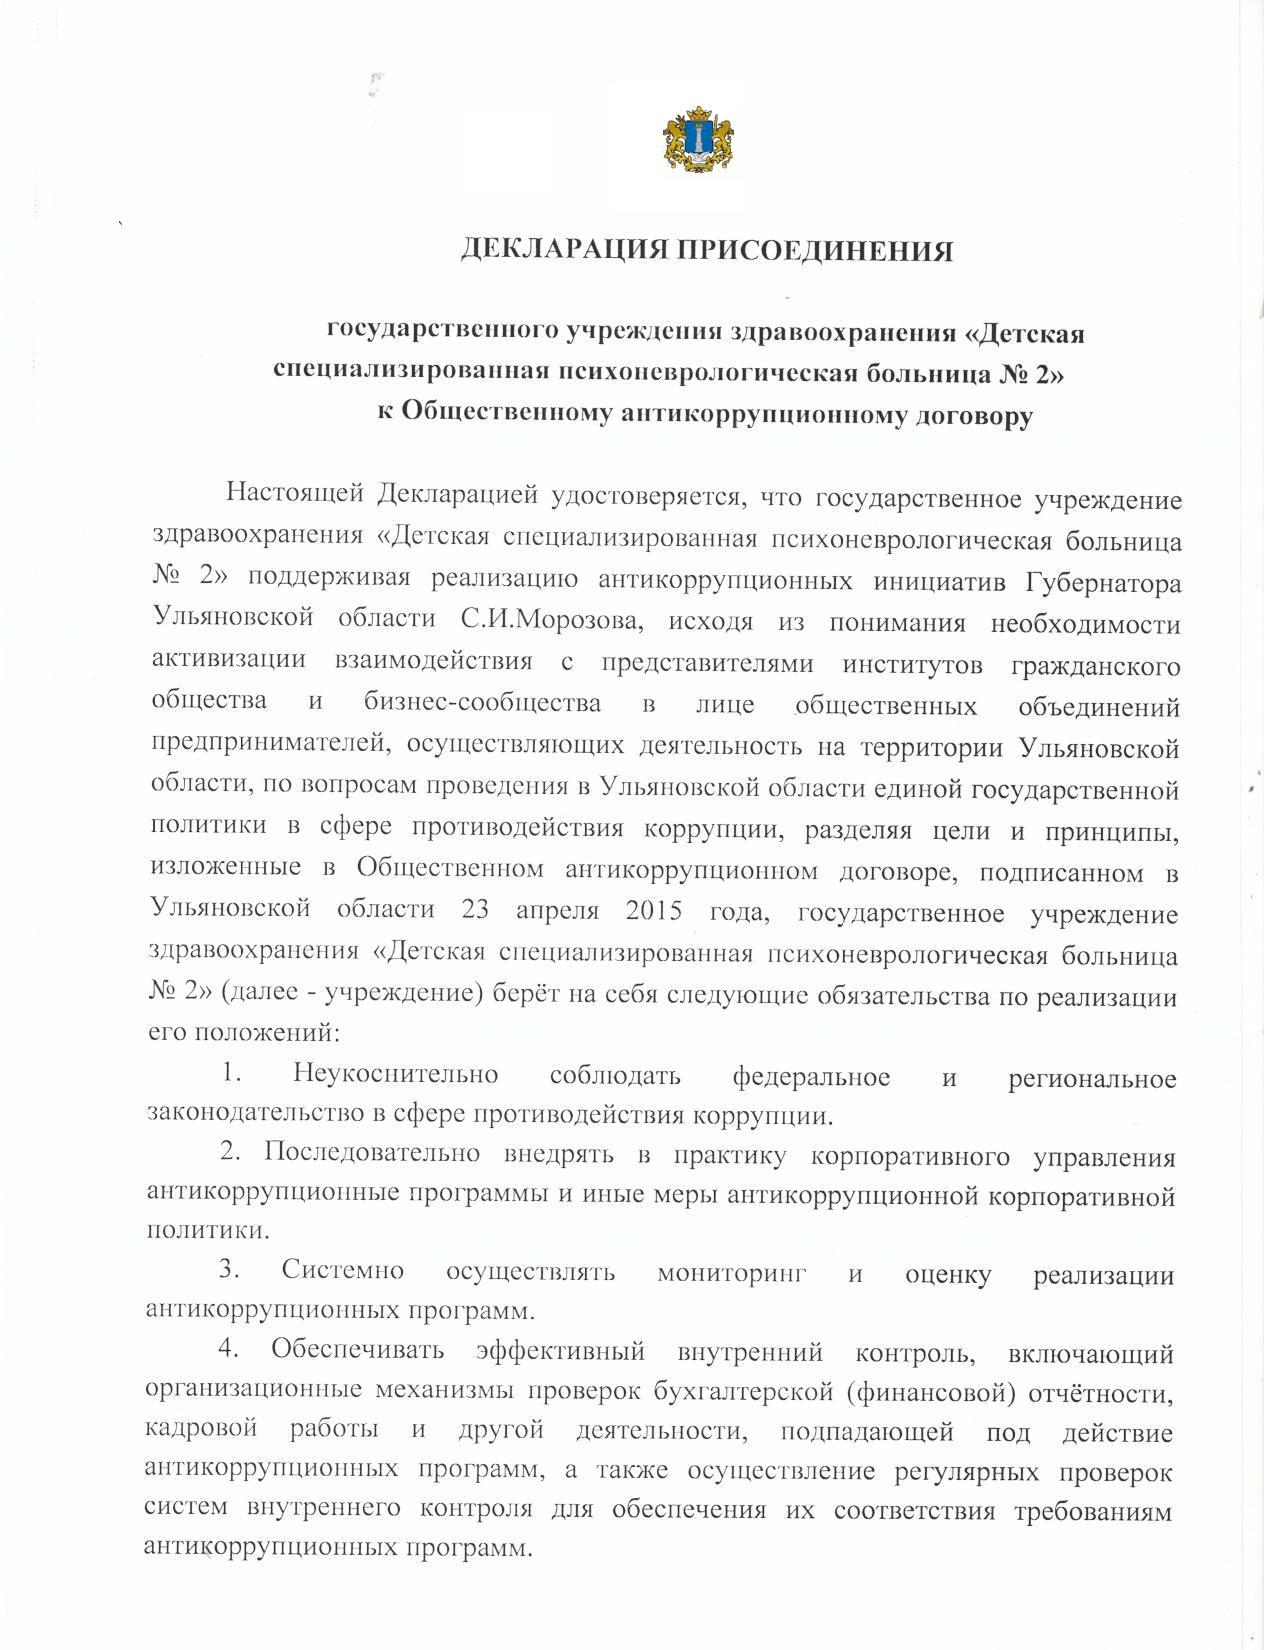 Декларация присоединения к антикоррупционному договору